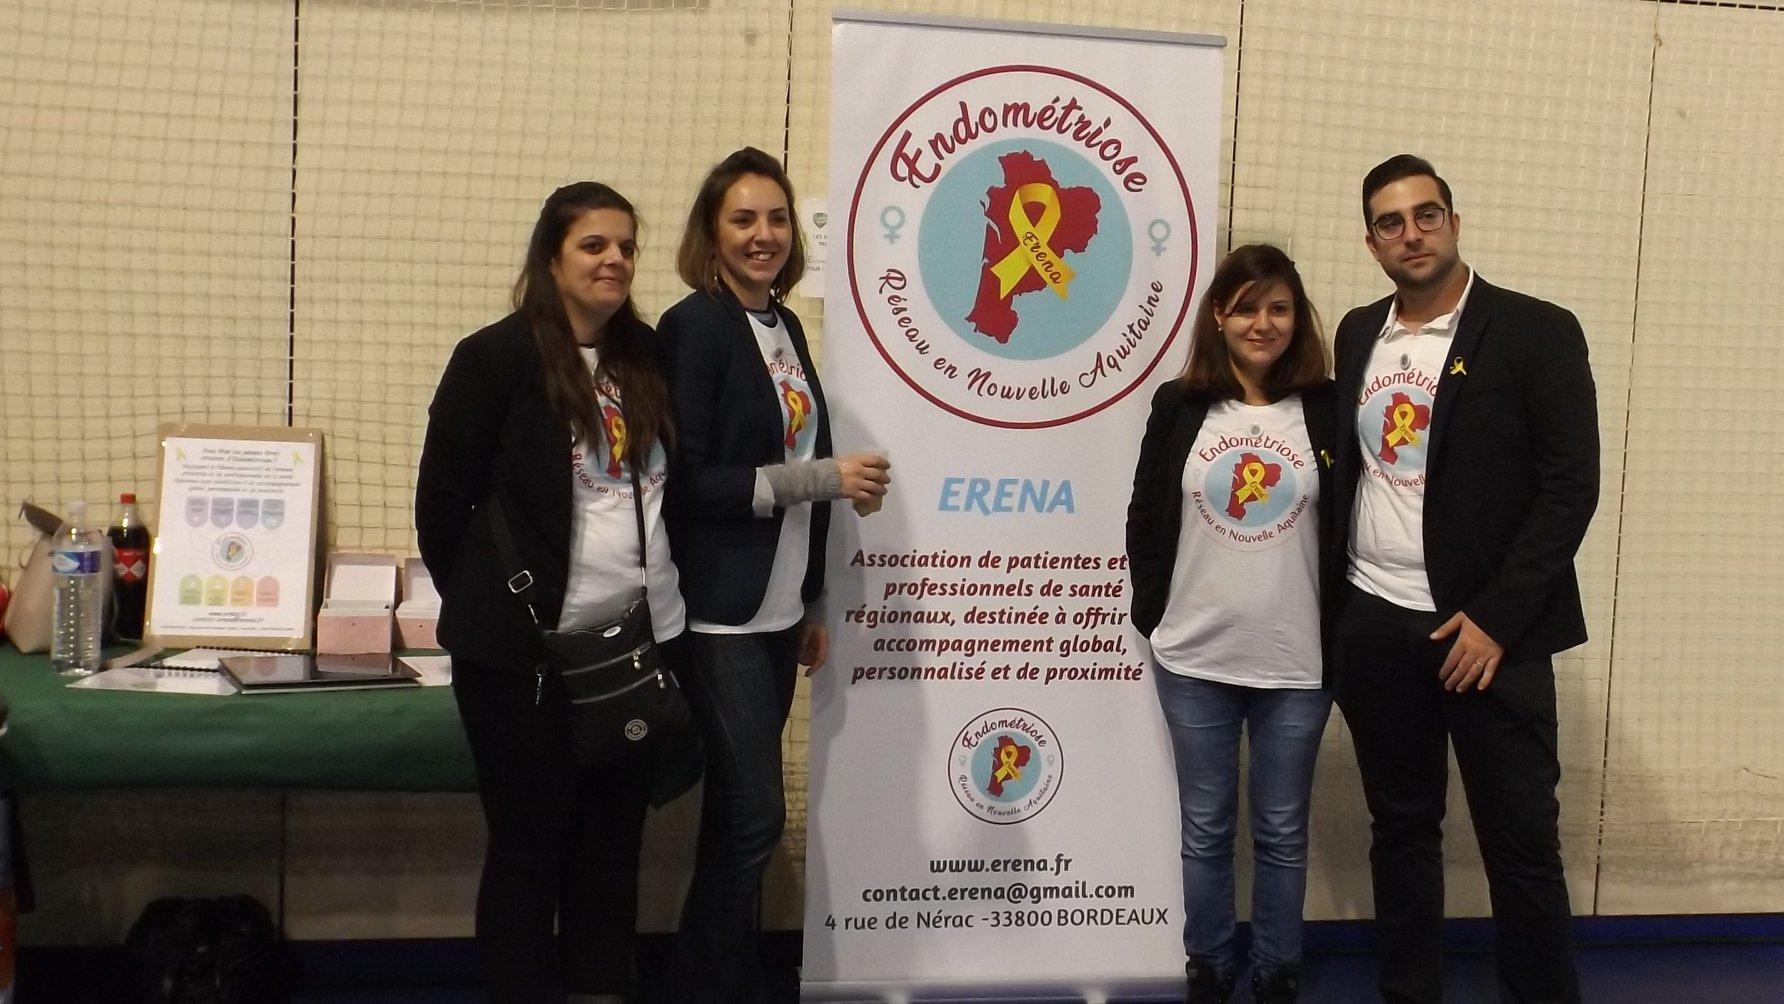 Fondée en janvier 2019, la toute jeune association Erena espère développer un réseau associatif de patientes et de professionnels de santé régionaux pour mettre en place un accompagnement individuel et de proximité